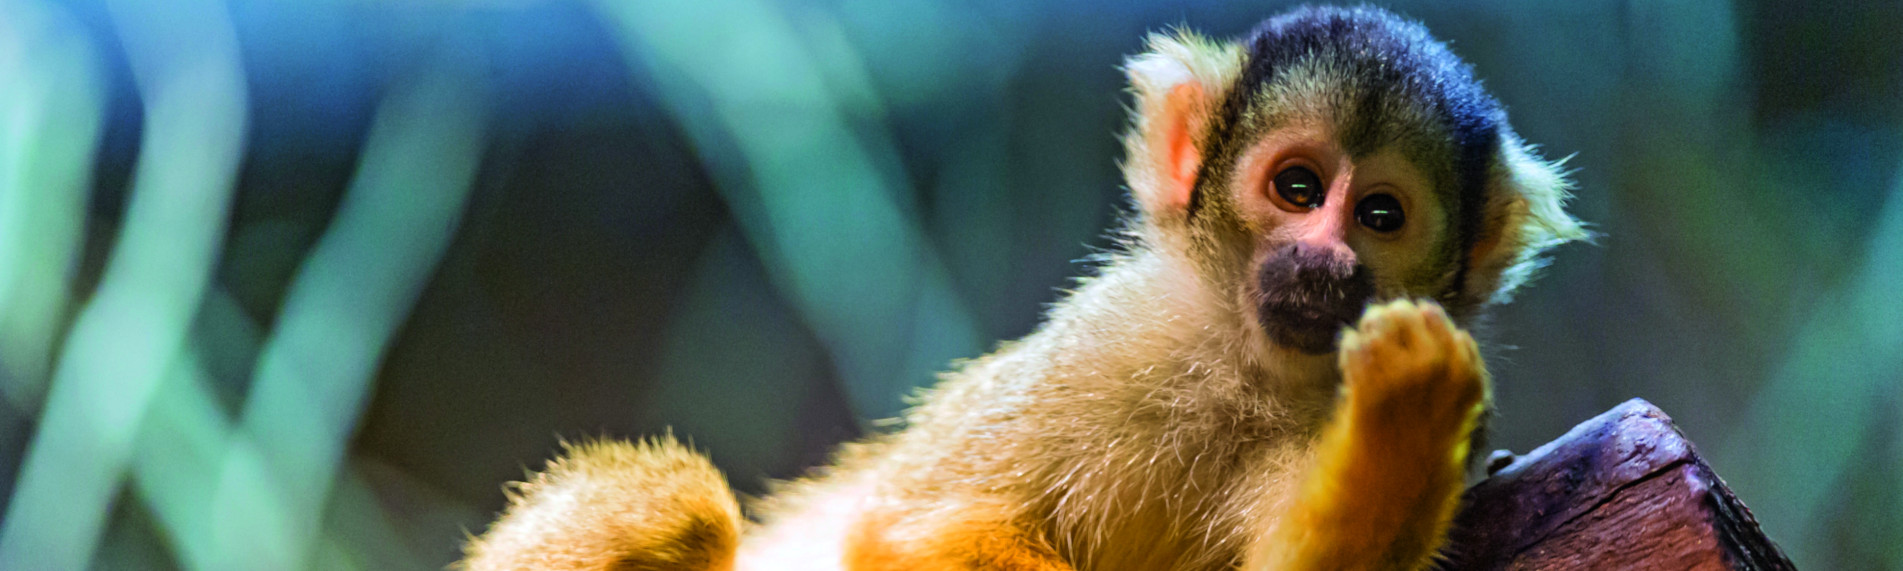 Aporna i Ree Park har ett skönt inomhusklimat